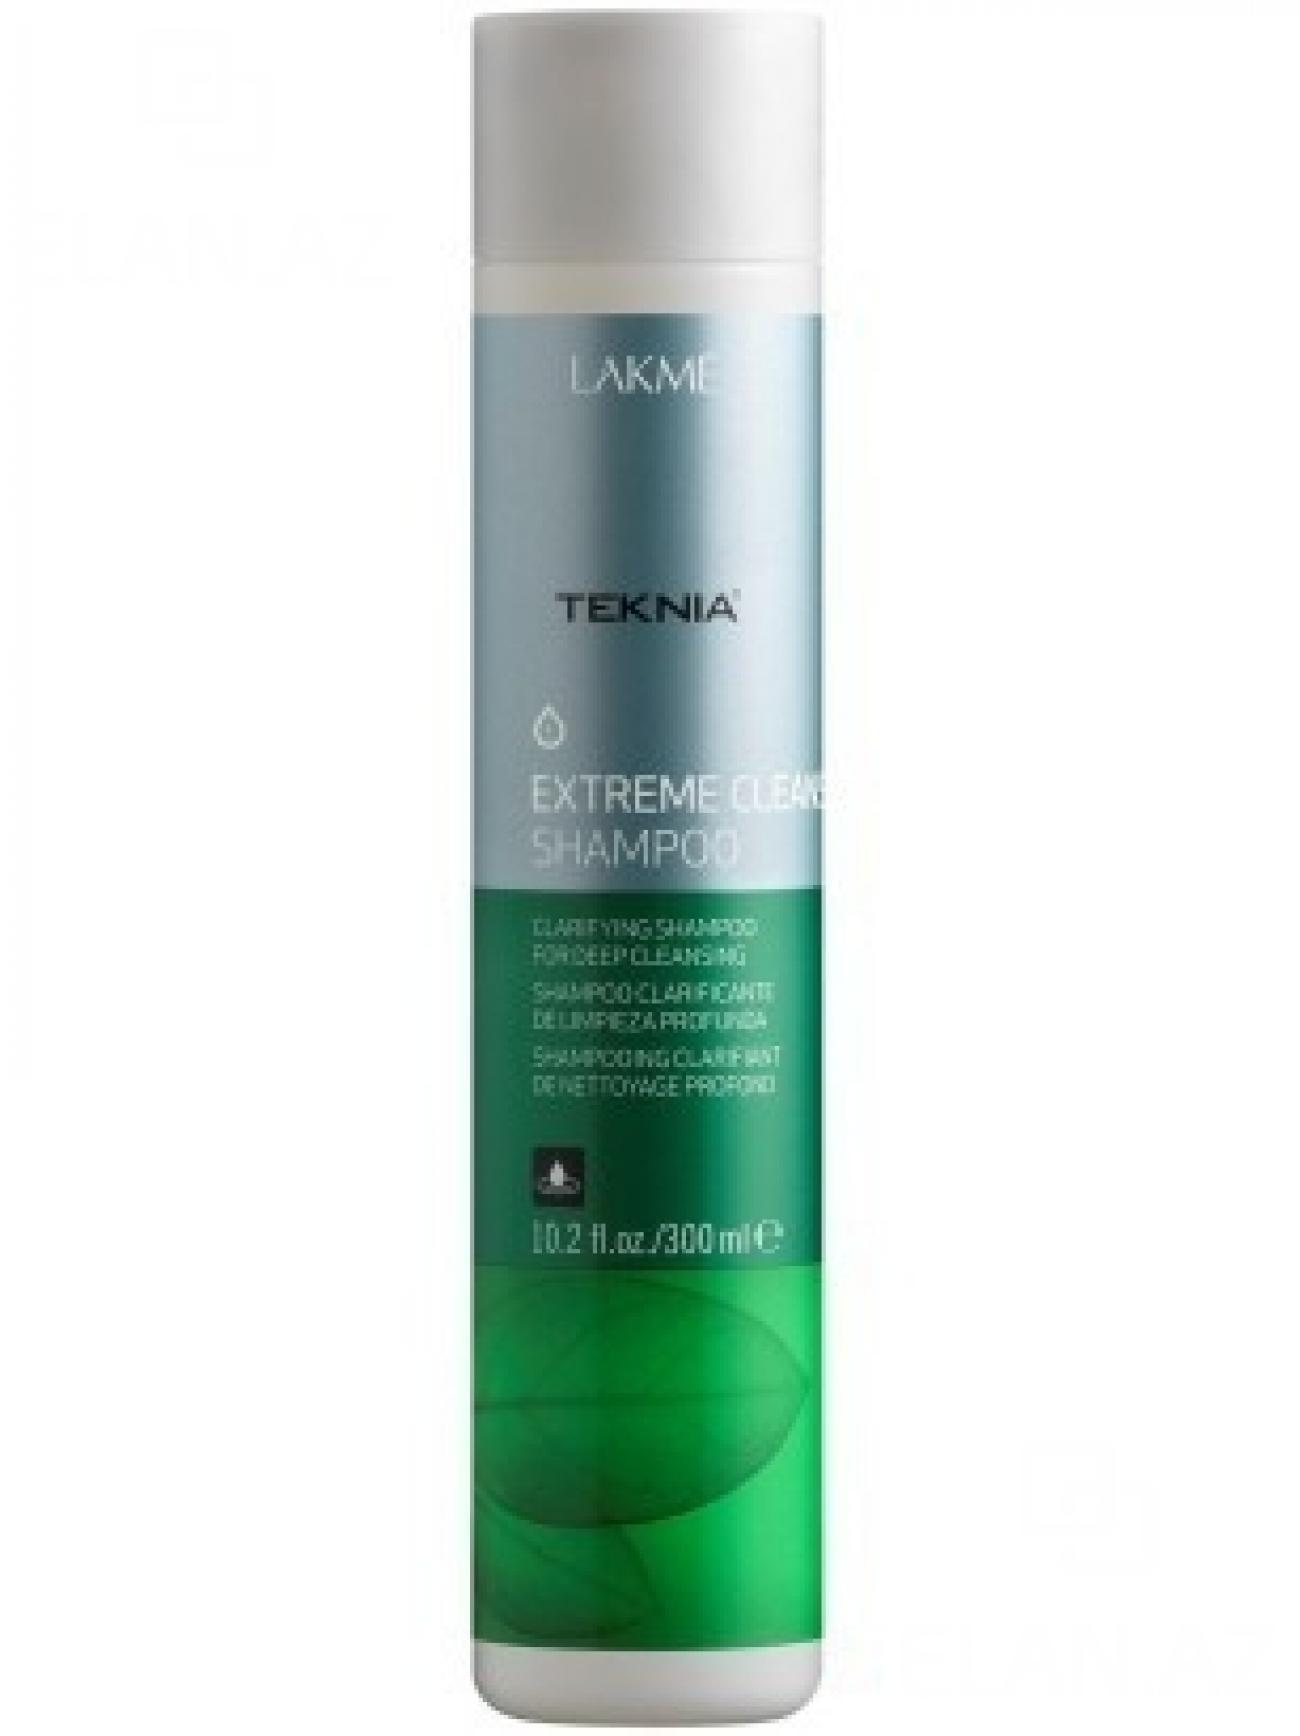 Lakme Шампунь для глубокого очищения Shampoo, 300 млFS-00897Обогащенный фруктовыми кислотами и экстрактом зеленого чая, он придает волосам естественный блеск и мягкость. Вытяжка из плодов индийского каштана оказывает вяжущее, антисептическое действие и обеспечивает глубокое очищение , как волос, так и кожи головы. Мягкая формула эффективно удаляет остатки укладочных средств и запахи, не вызывает раздражения. Входящий в состав ментол, мгновенно дает ощущение свежести. Шампунь для глубокого очищения Lakme Teknia Extreme Cleanse Shampoo содержит WAA™ – комплекс растительных аминокислот, ухаживающий за волосами и оказывающий глубокое воздействие изнутри. Идеально подходит для очень жирных волос.